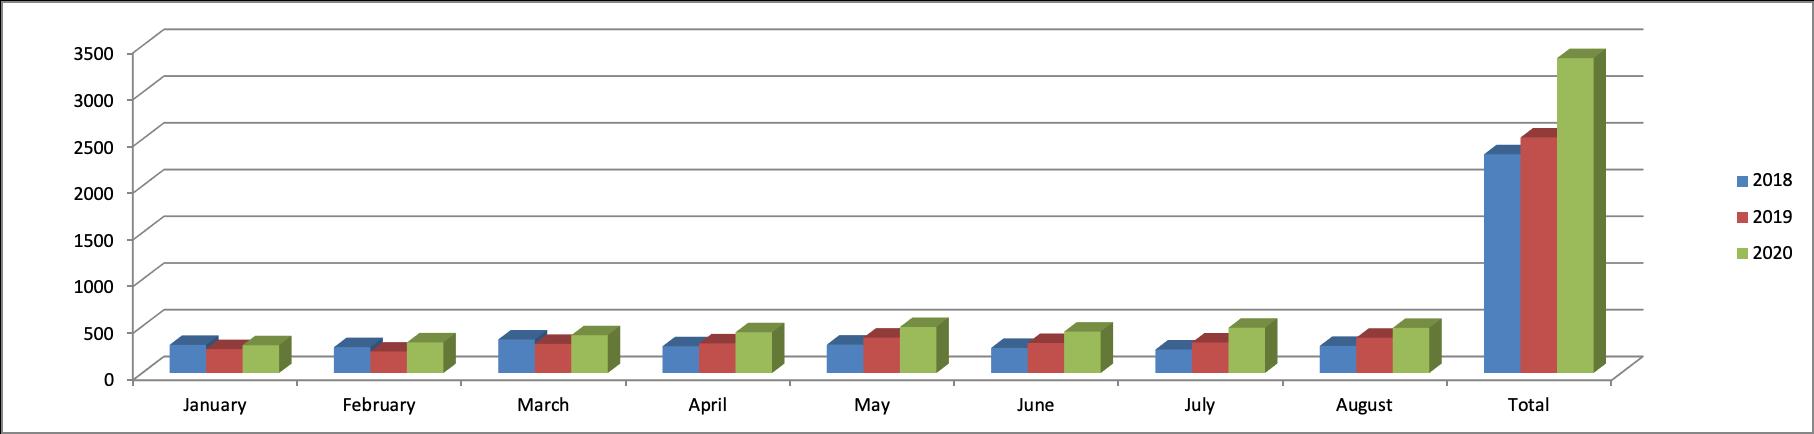 graph showing 100 + mph citations